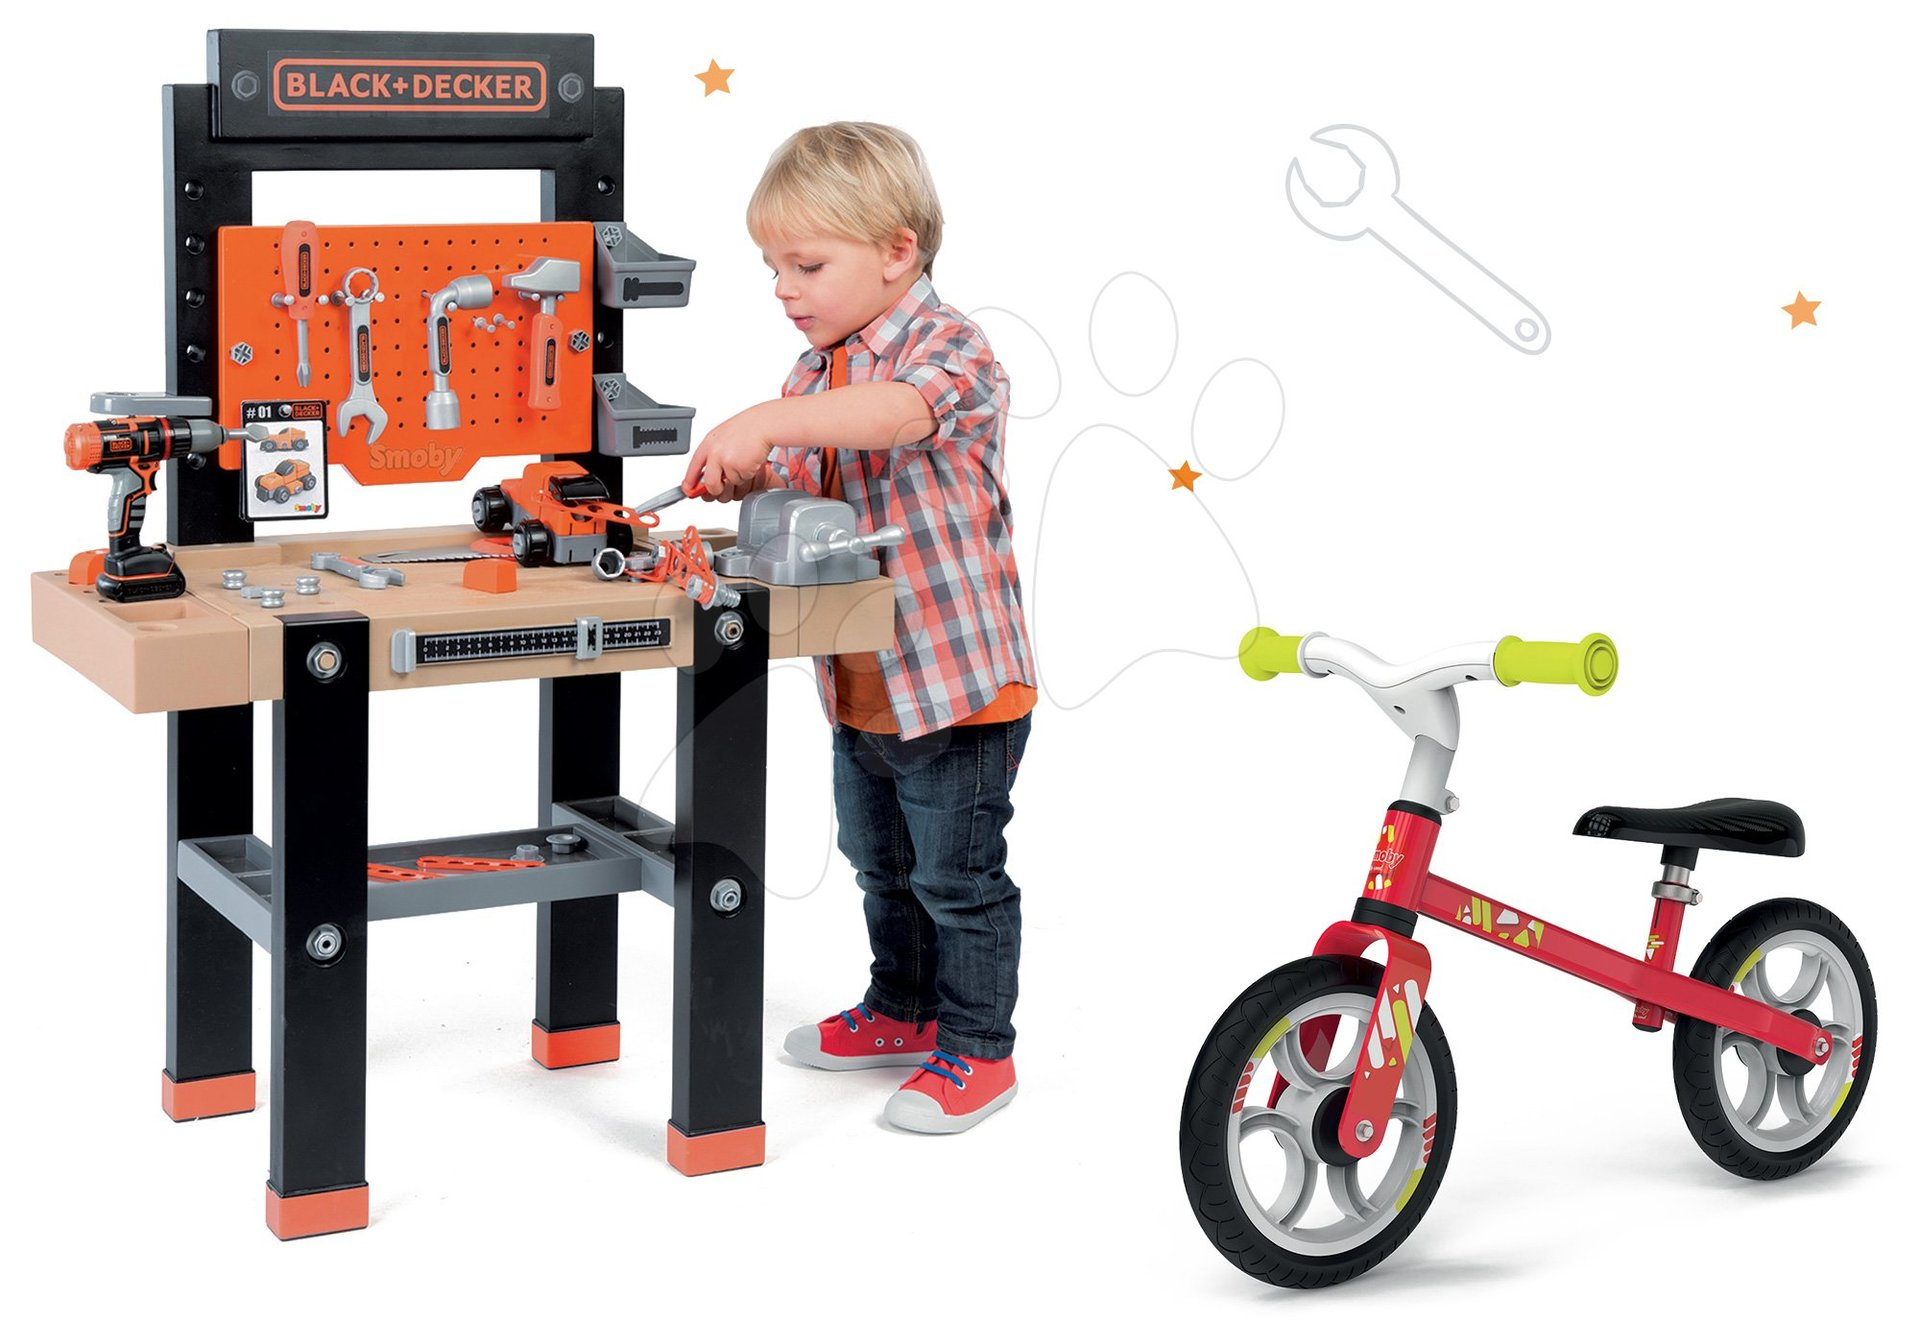 Smoby pracovní dílna pro děti Black+Decker a odrážedlo First Bike 360701-6